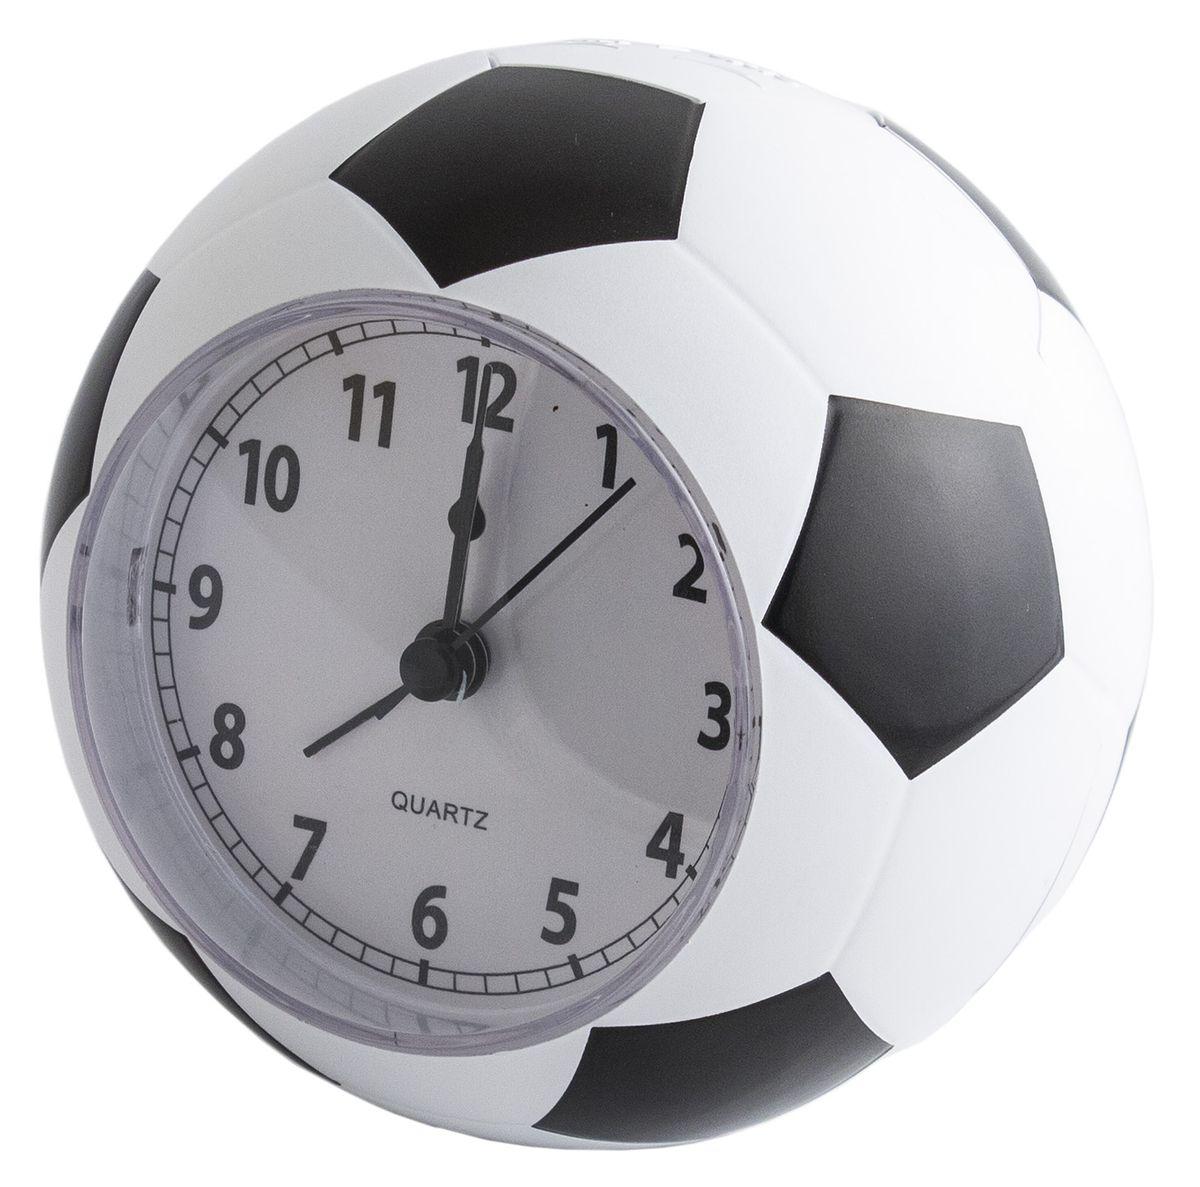 Отличный подарок болельщикам футбольного чемпионата. Часы с функцией будильника имеют корпус в форме футбольного мяча. При срабатывании будильника из встроенного динамика раздаётся характерная мелодия. Чтобы отключить звонок, нужно нажать на стилизованную кнопку - сегмент мяча, возвышающийся после завода будильника. Материал: пластик, металл, стекло. Элементы питания: 2хААА.